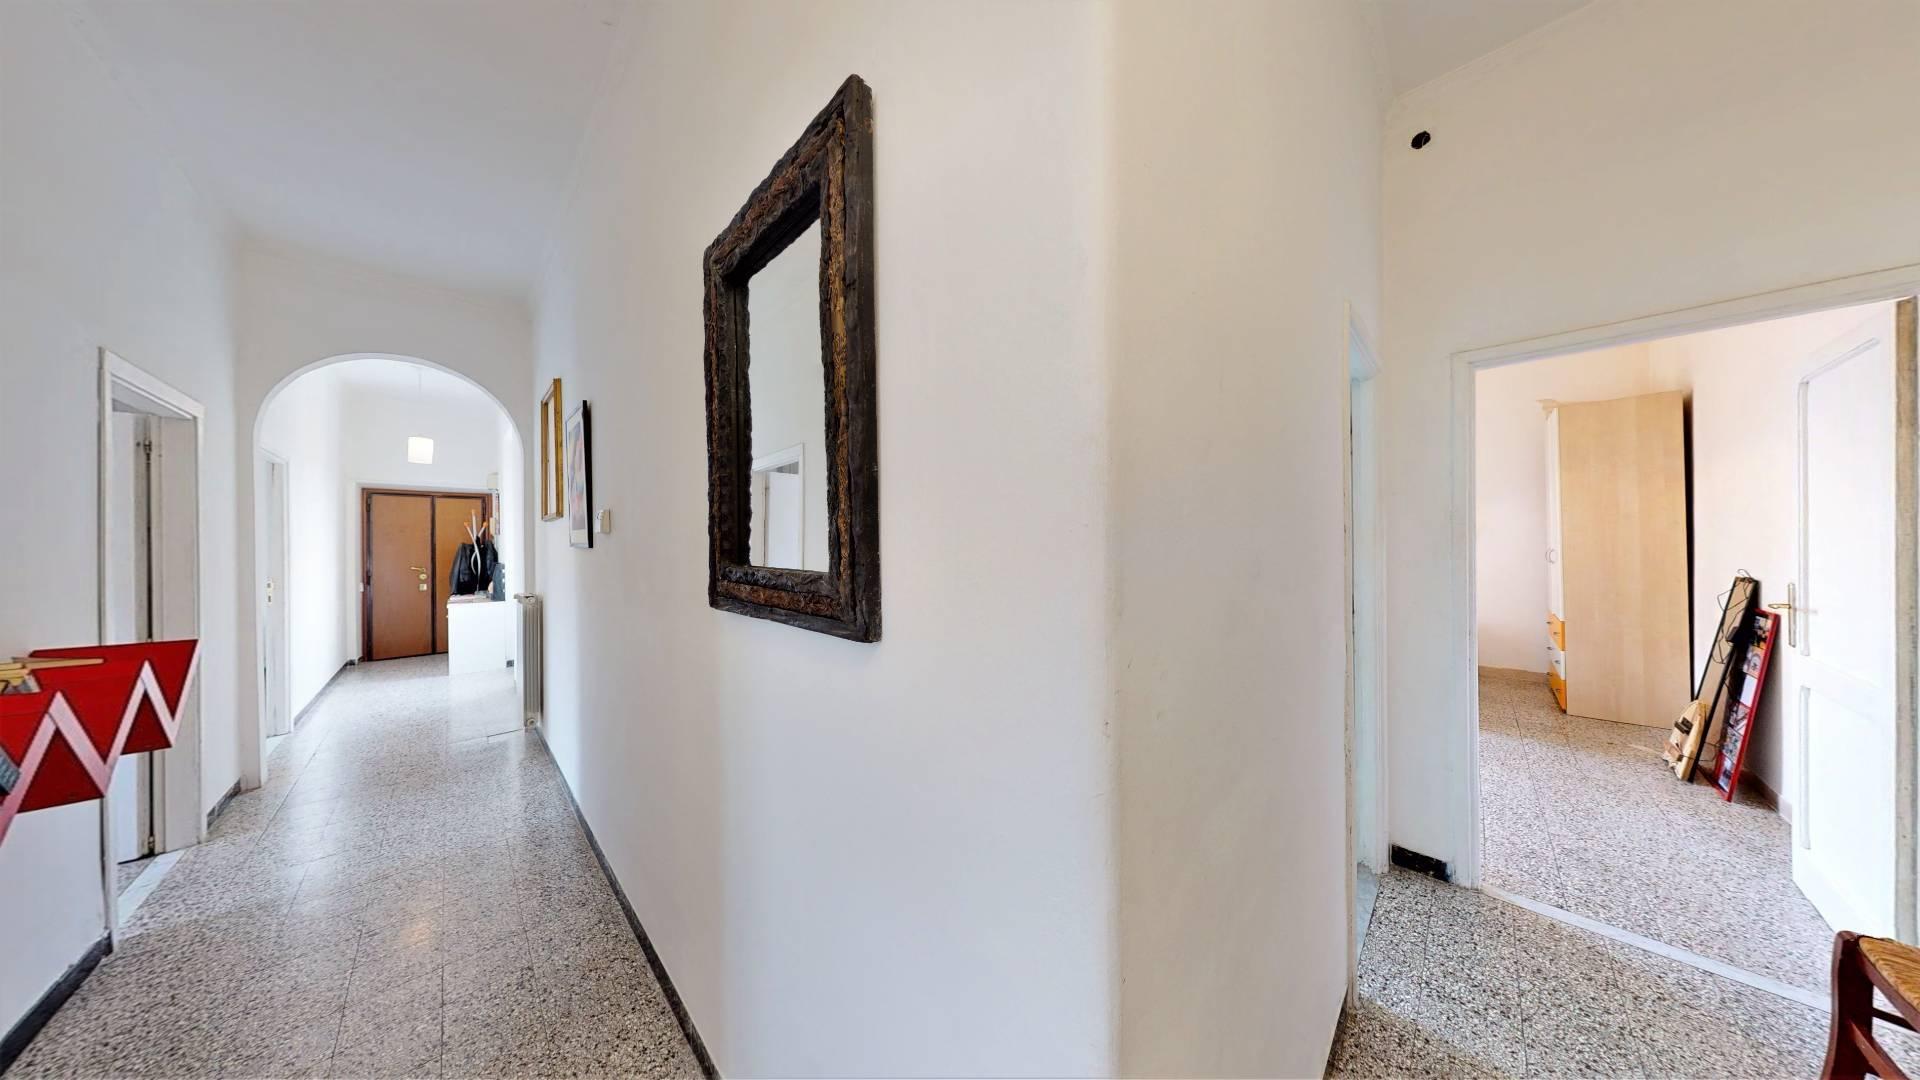 1118420571 Trilocale in Via Galla Placidia, Roma, Zona Tiburtina, Casal bruciato